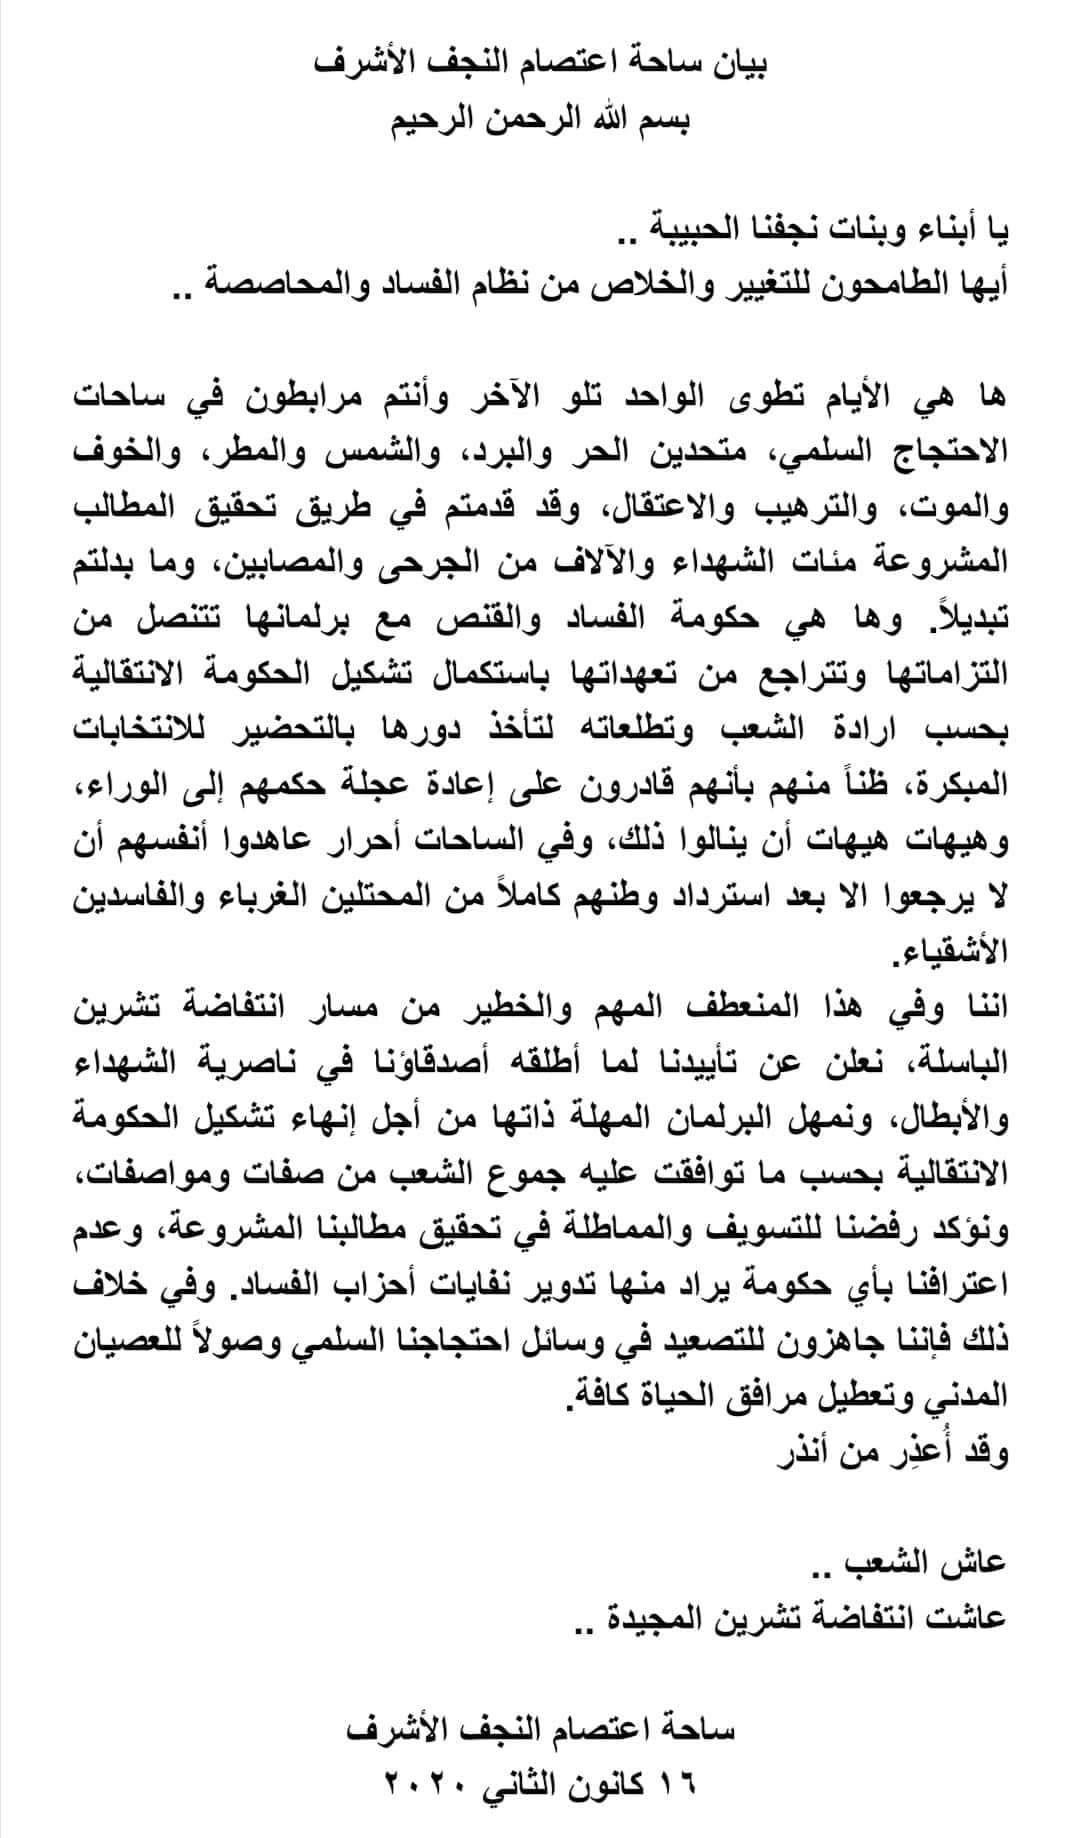 """متظاهرو النجف يهددون بـ """"العصيان المدني"""": مهلة الناصرية تمثلنا"""